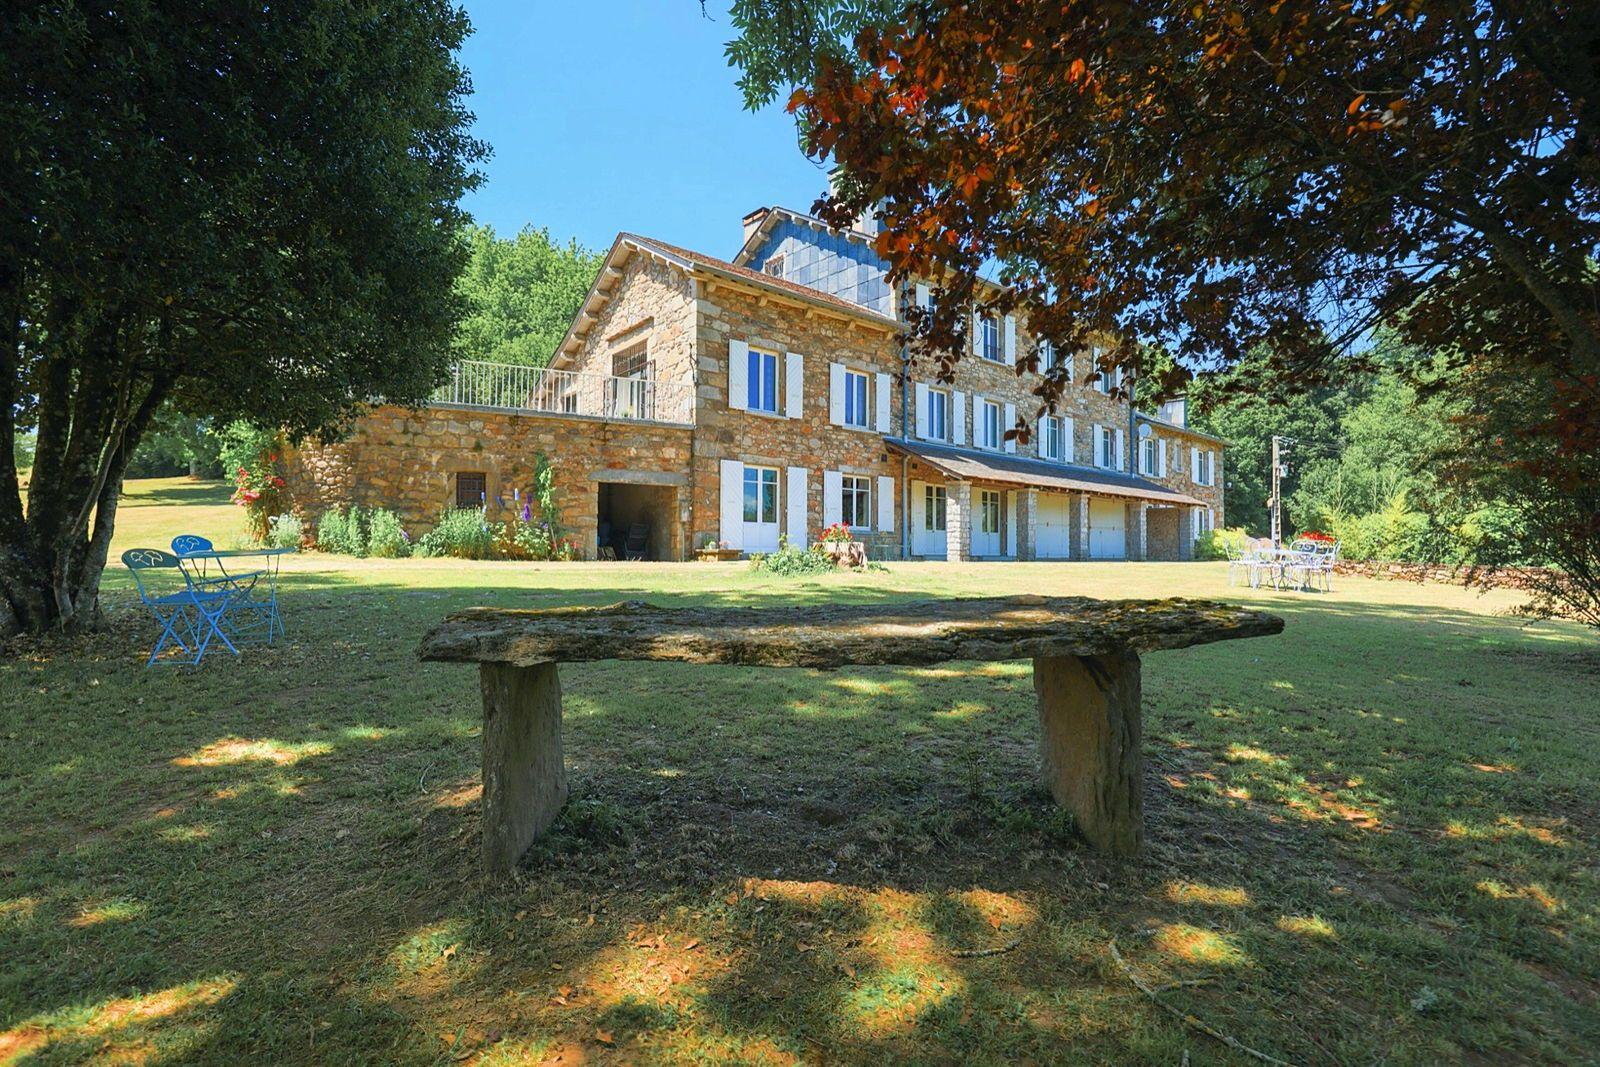 Vends Maison de Maitre avec Dépendances sur parcelle de 20ha - 9chambres, 500m² (34)